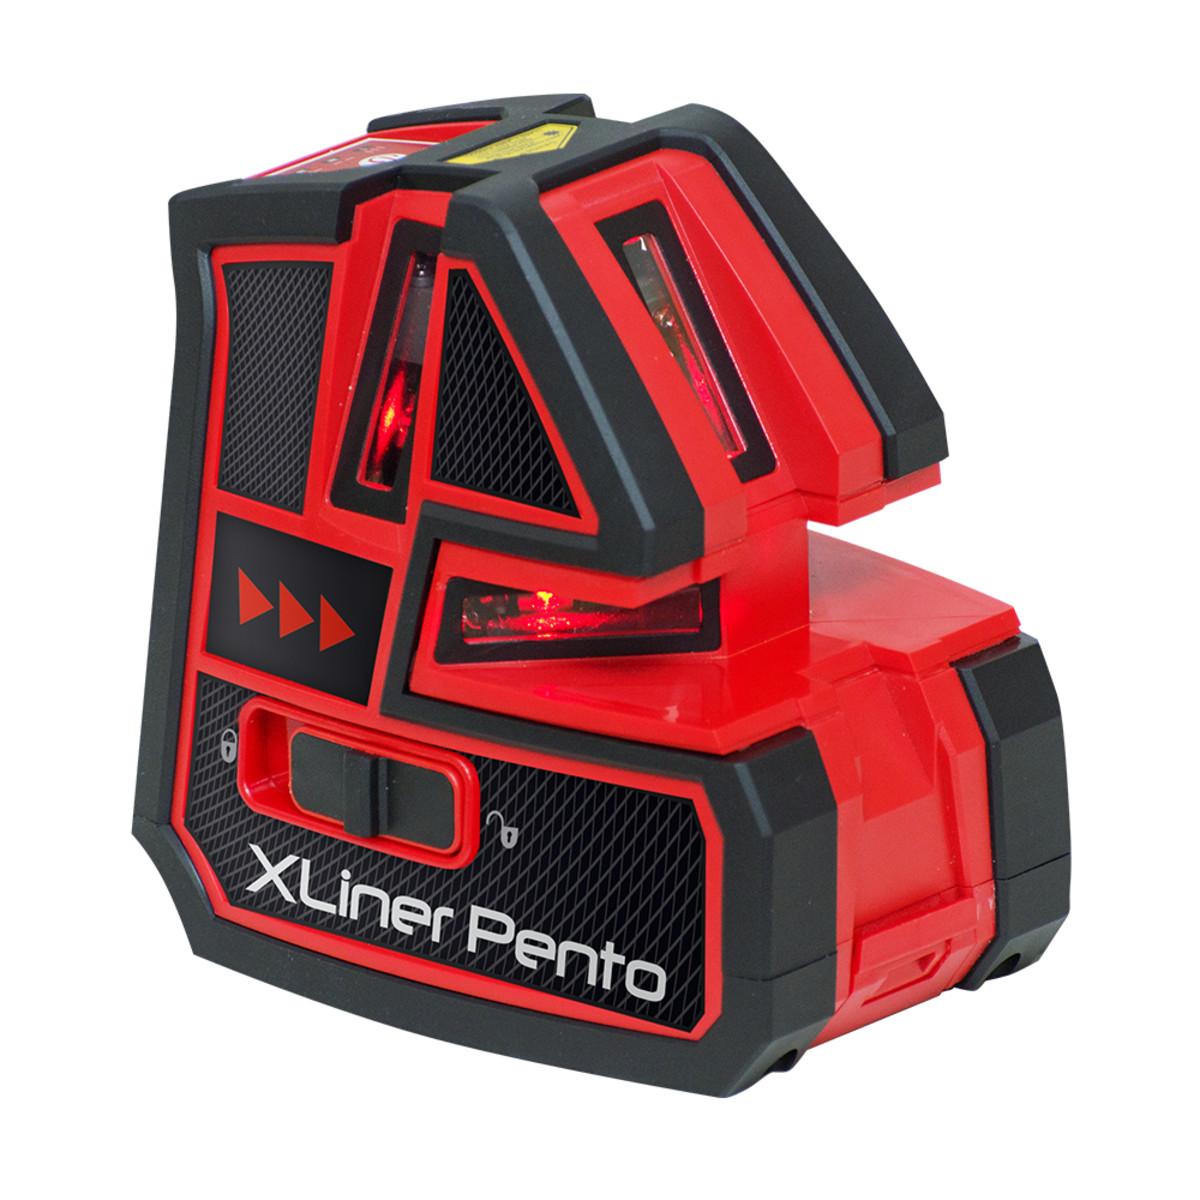 Лазерный нивелир Condtrol Xliner Pento 1-2-029